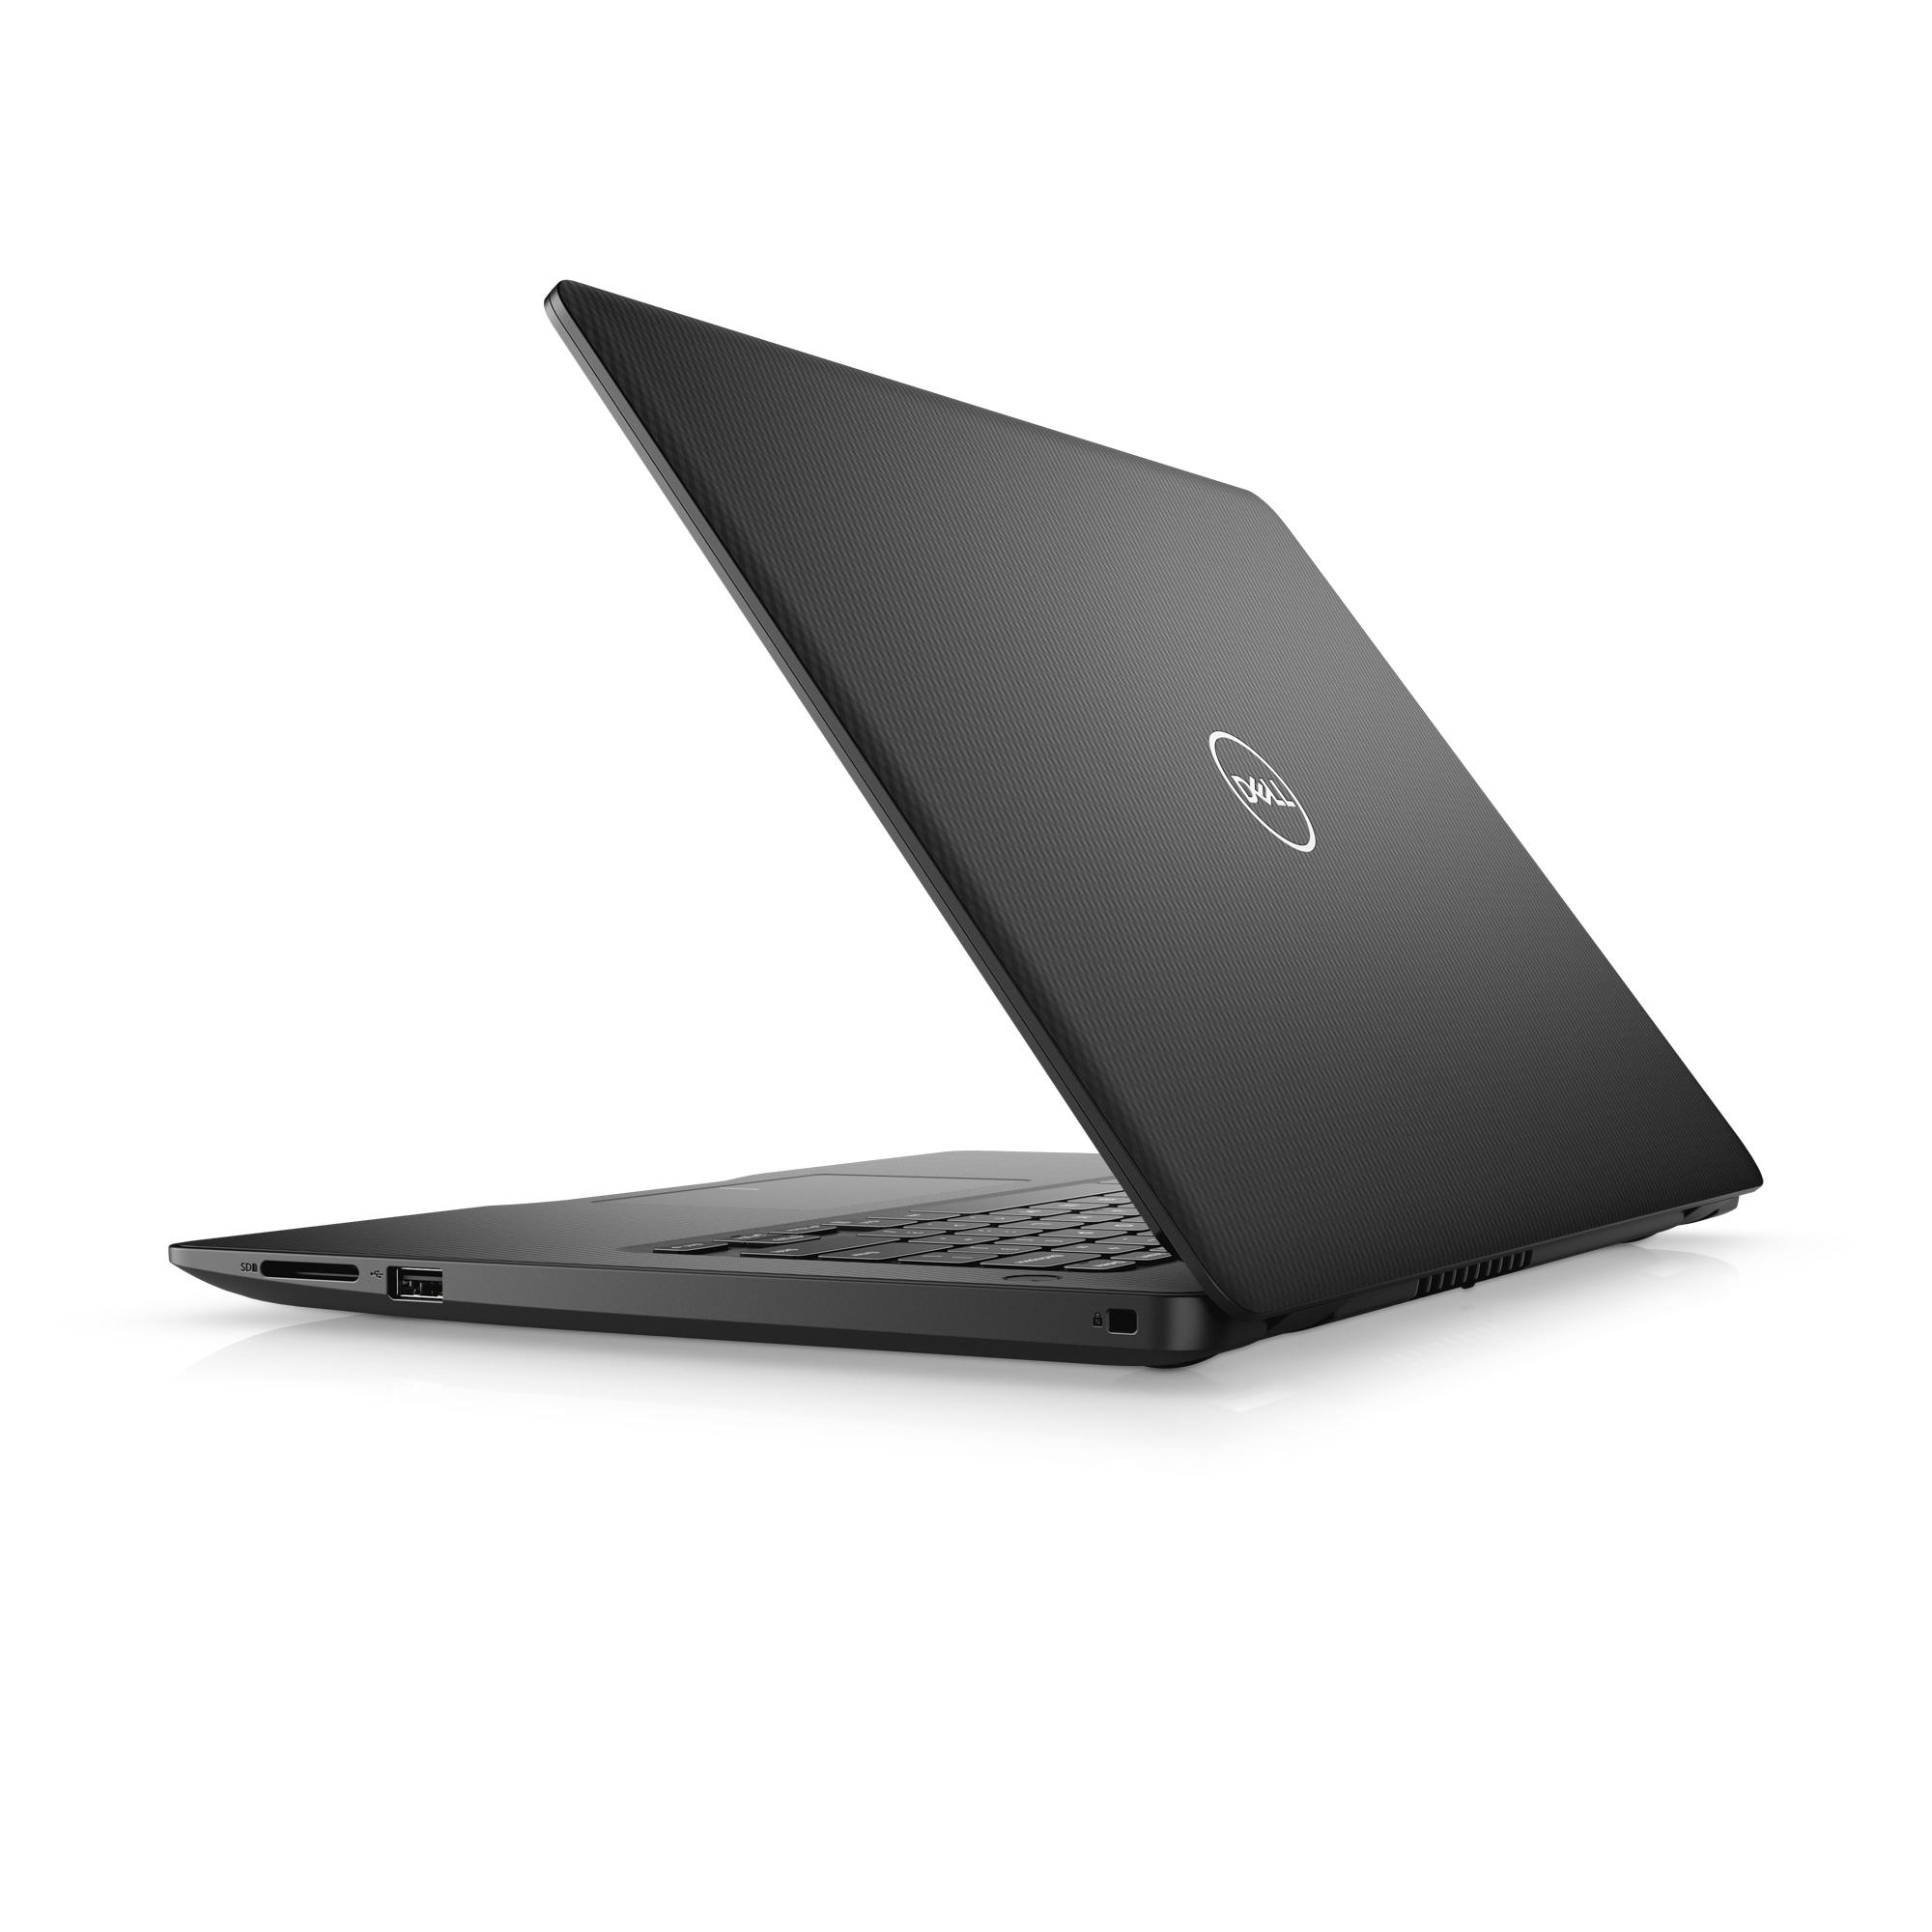 Laptop Dell Inspiron 3493 Core i3-1005G1 / RAM 4GB / SSD 128GB / 14 inch HD / Win 10 / 1.6kg - Hàng Nhập Khẩu Mỹ